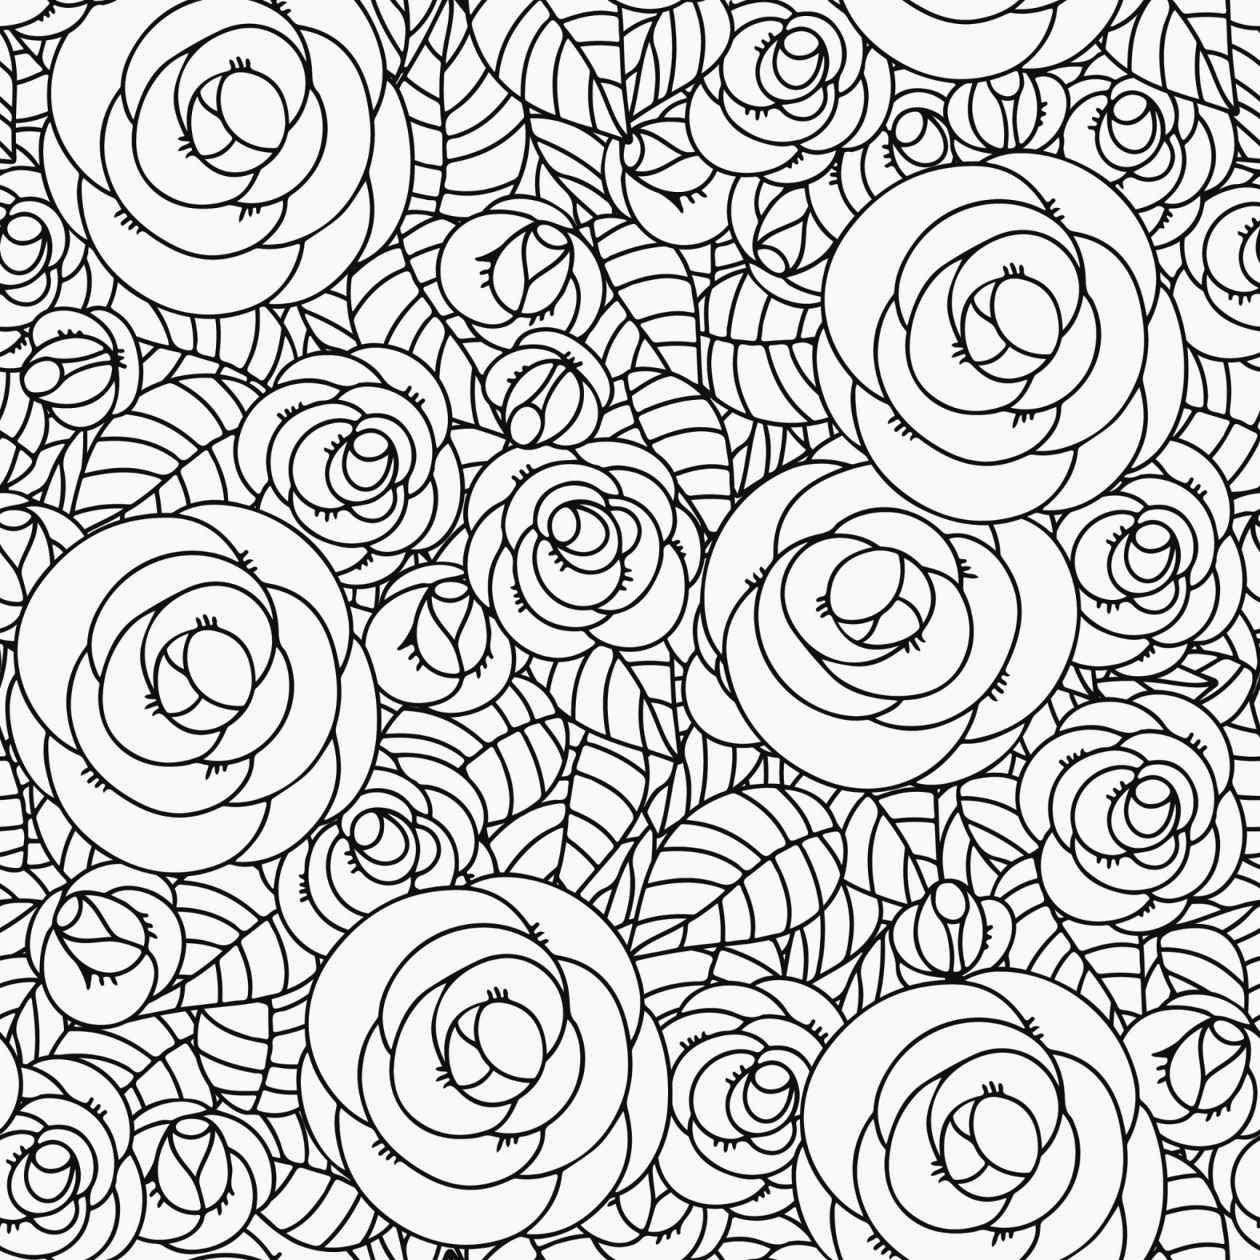 colorear multitud de rosas